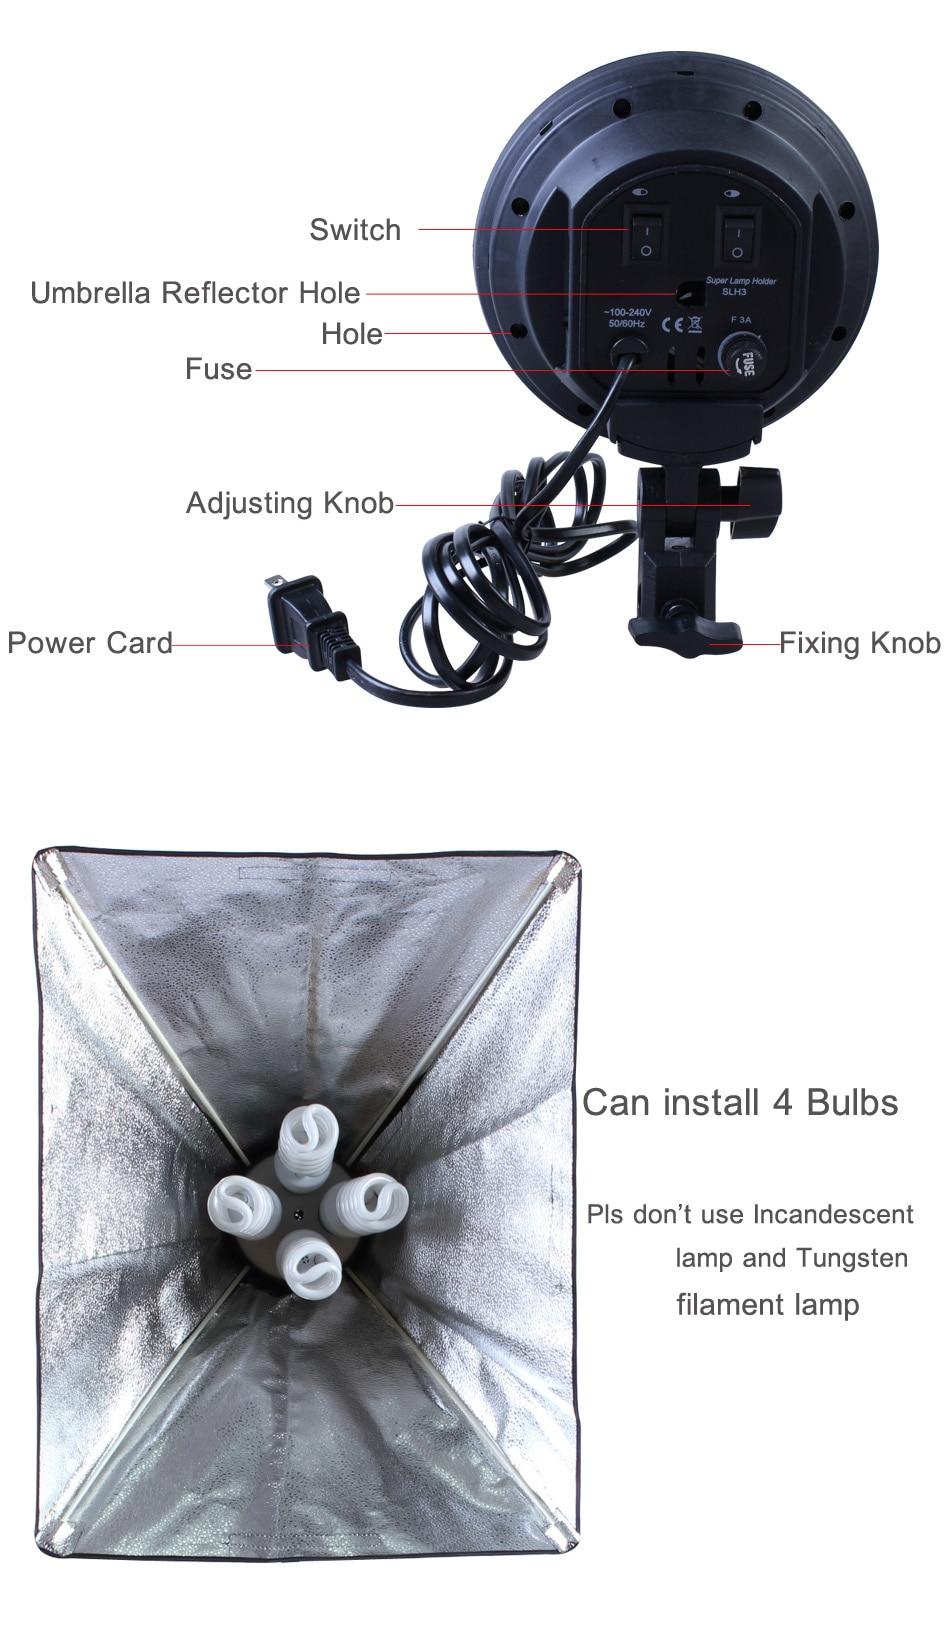 pces softbox 4-soquete do suporte da lâmpada